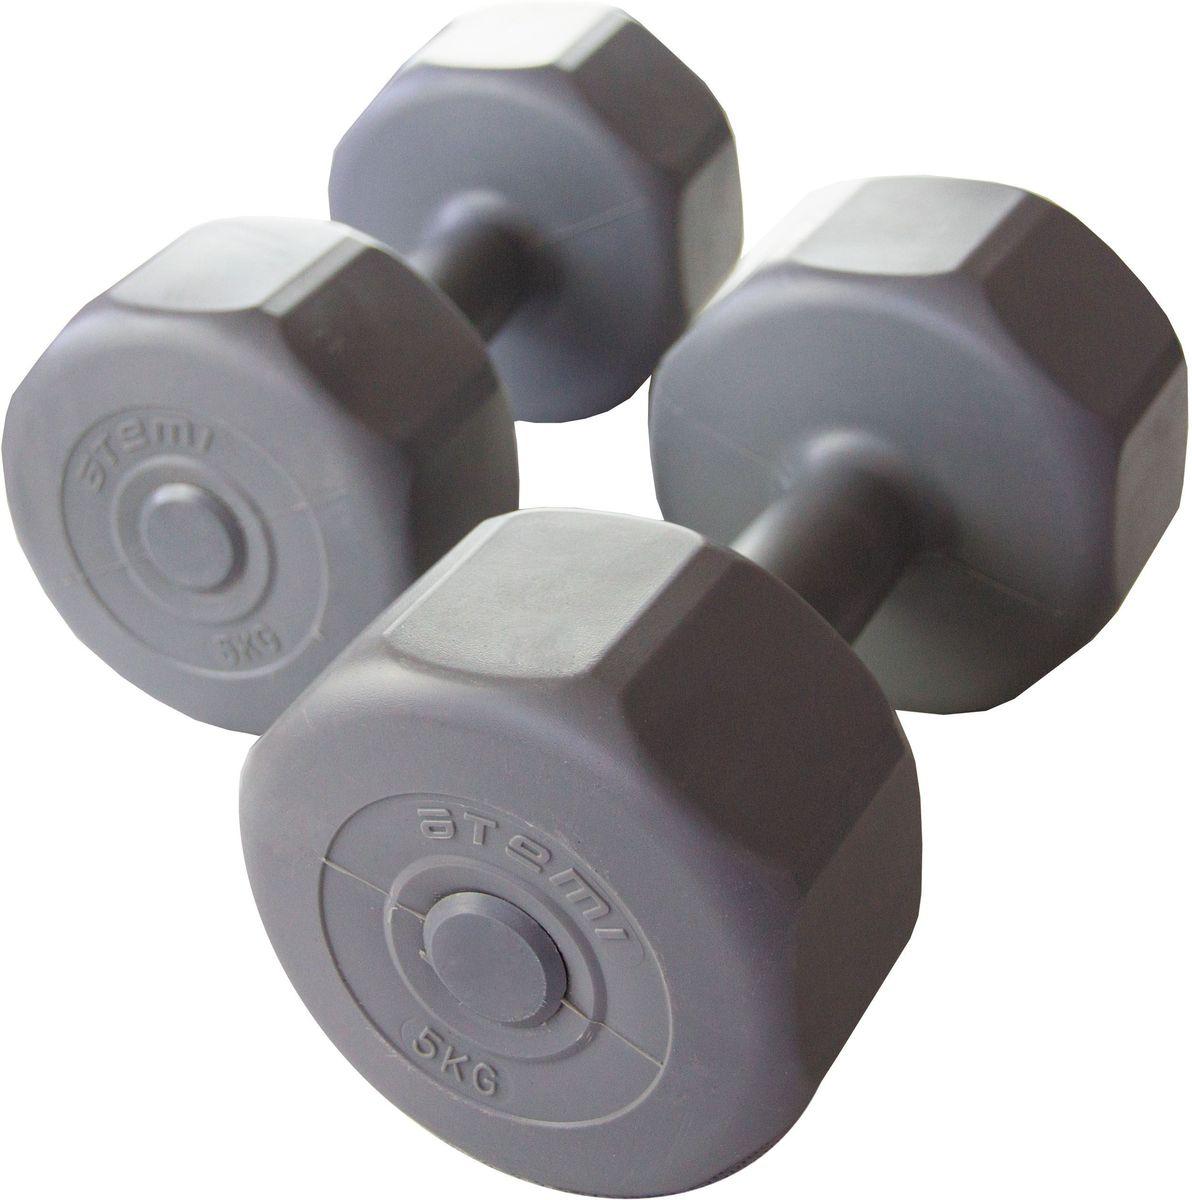 Гантели Atemi, виниловые, 5 кг х 2 шт.AD-02-10Гантели специальной формы против качения. Идеально подходят для домашних тренировок.